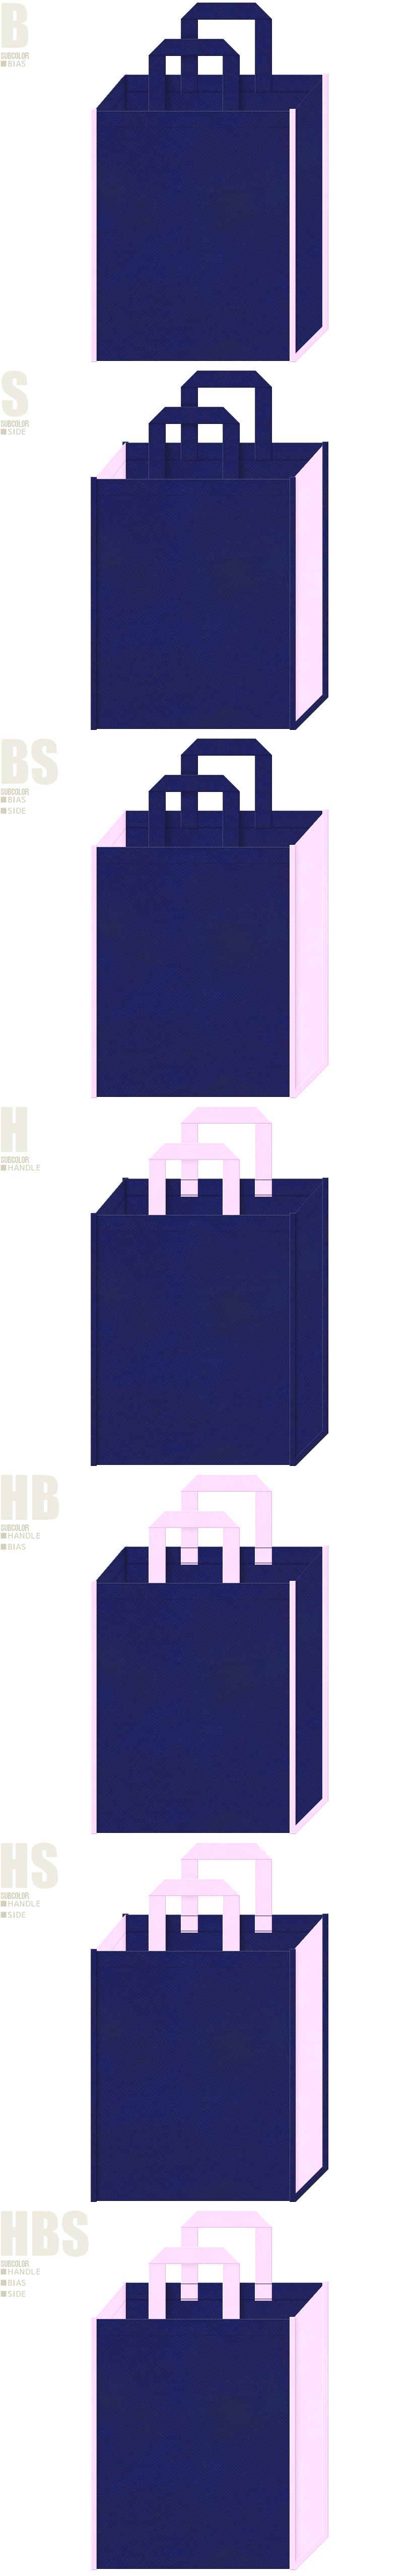 夏浴衣・学校・学園・オープンキャンパス・学習塾・レッスンバッグにお奨めの不織布バッグデザイン:明るい紺色と明るいピンク色の配色7パターン